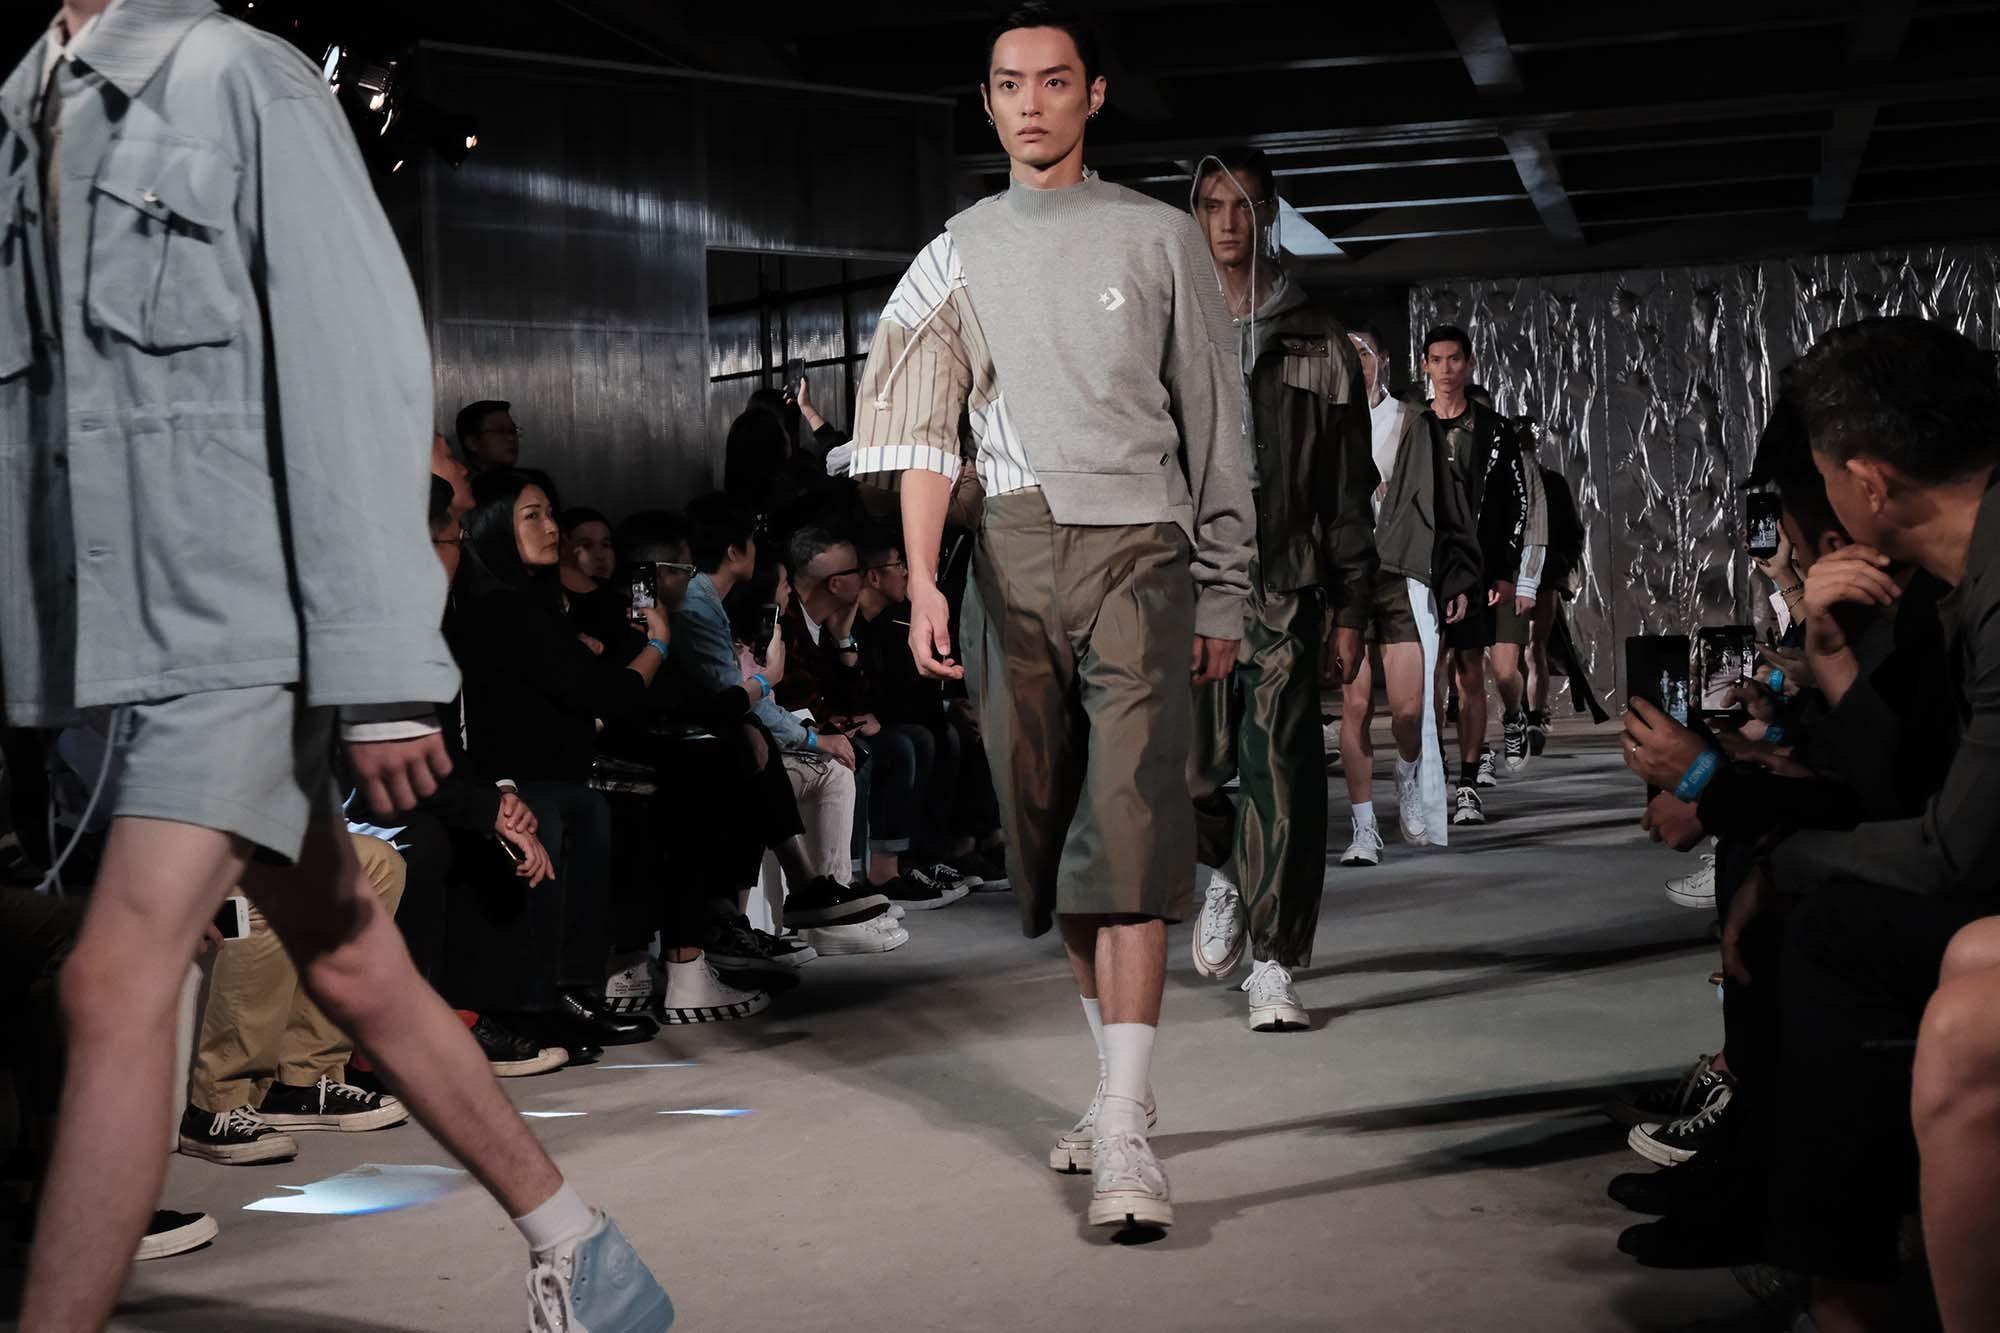 converse-x-feng-chen-wang-19-spring-summer-runway-show-16